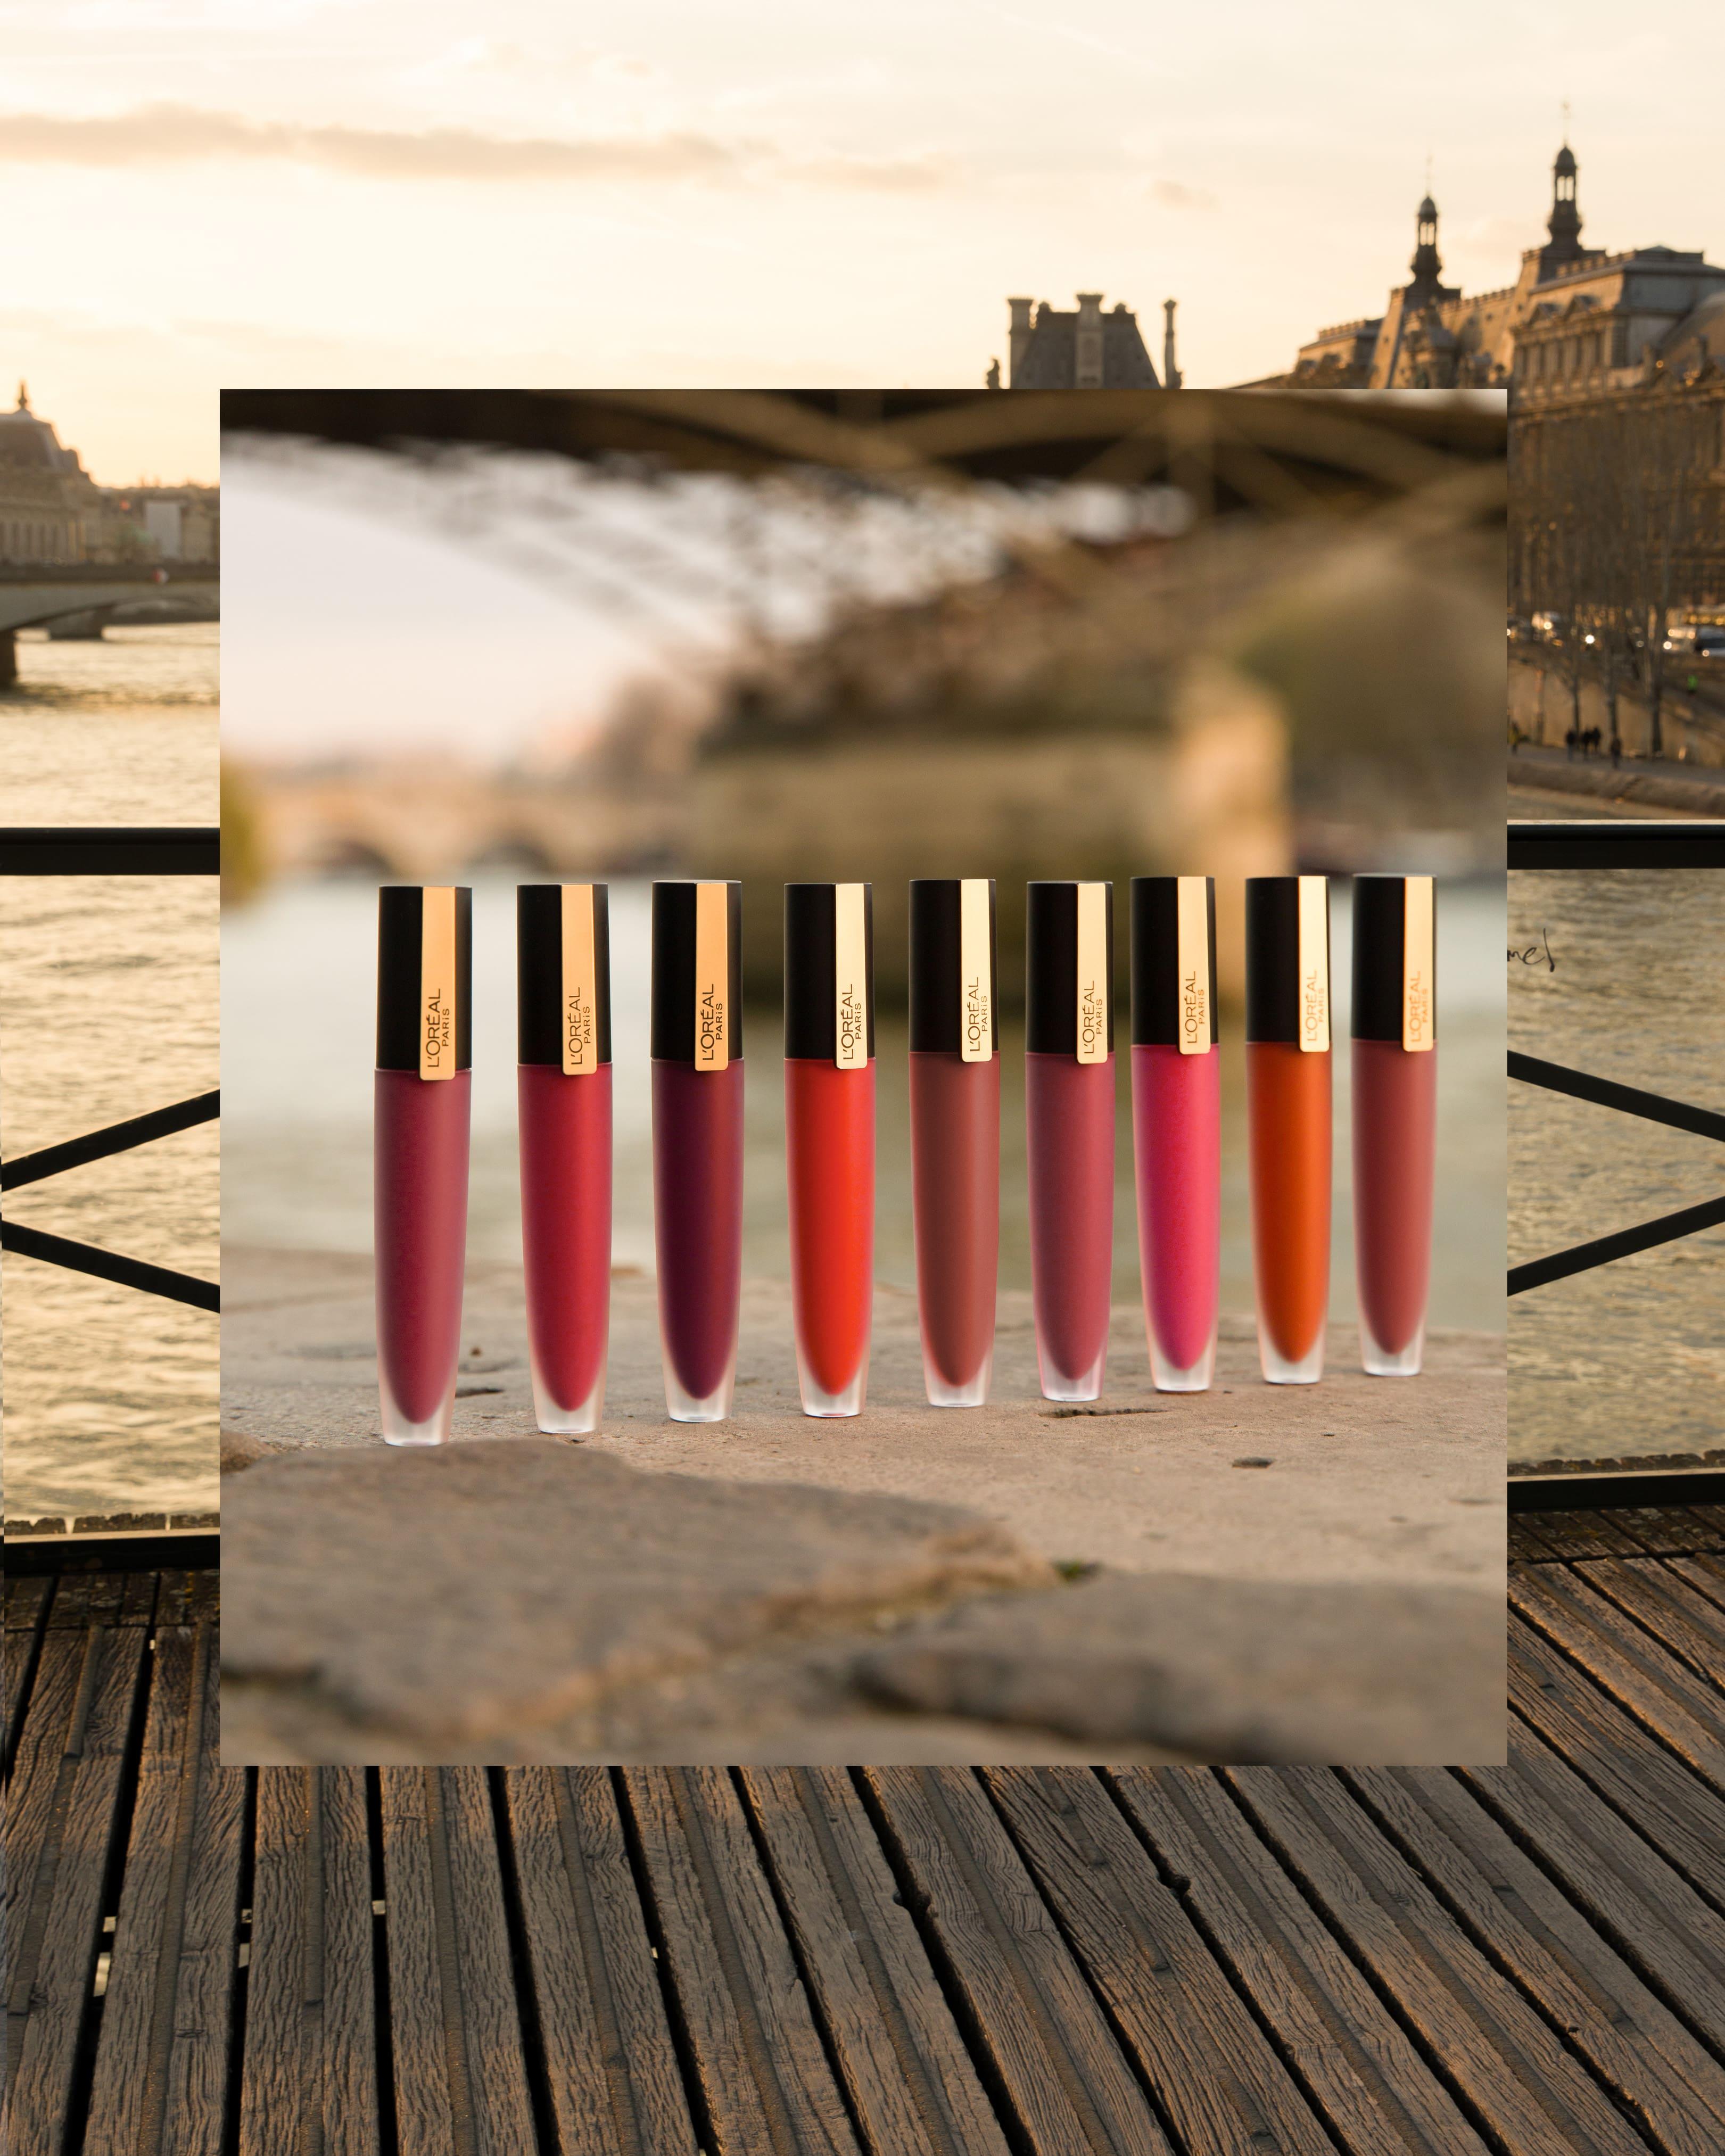 Dòng son L'oreal Paris đa dạng màu sắc